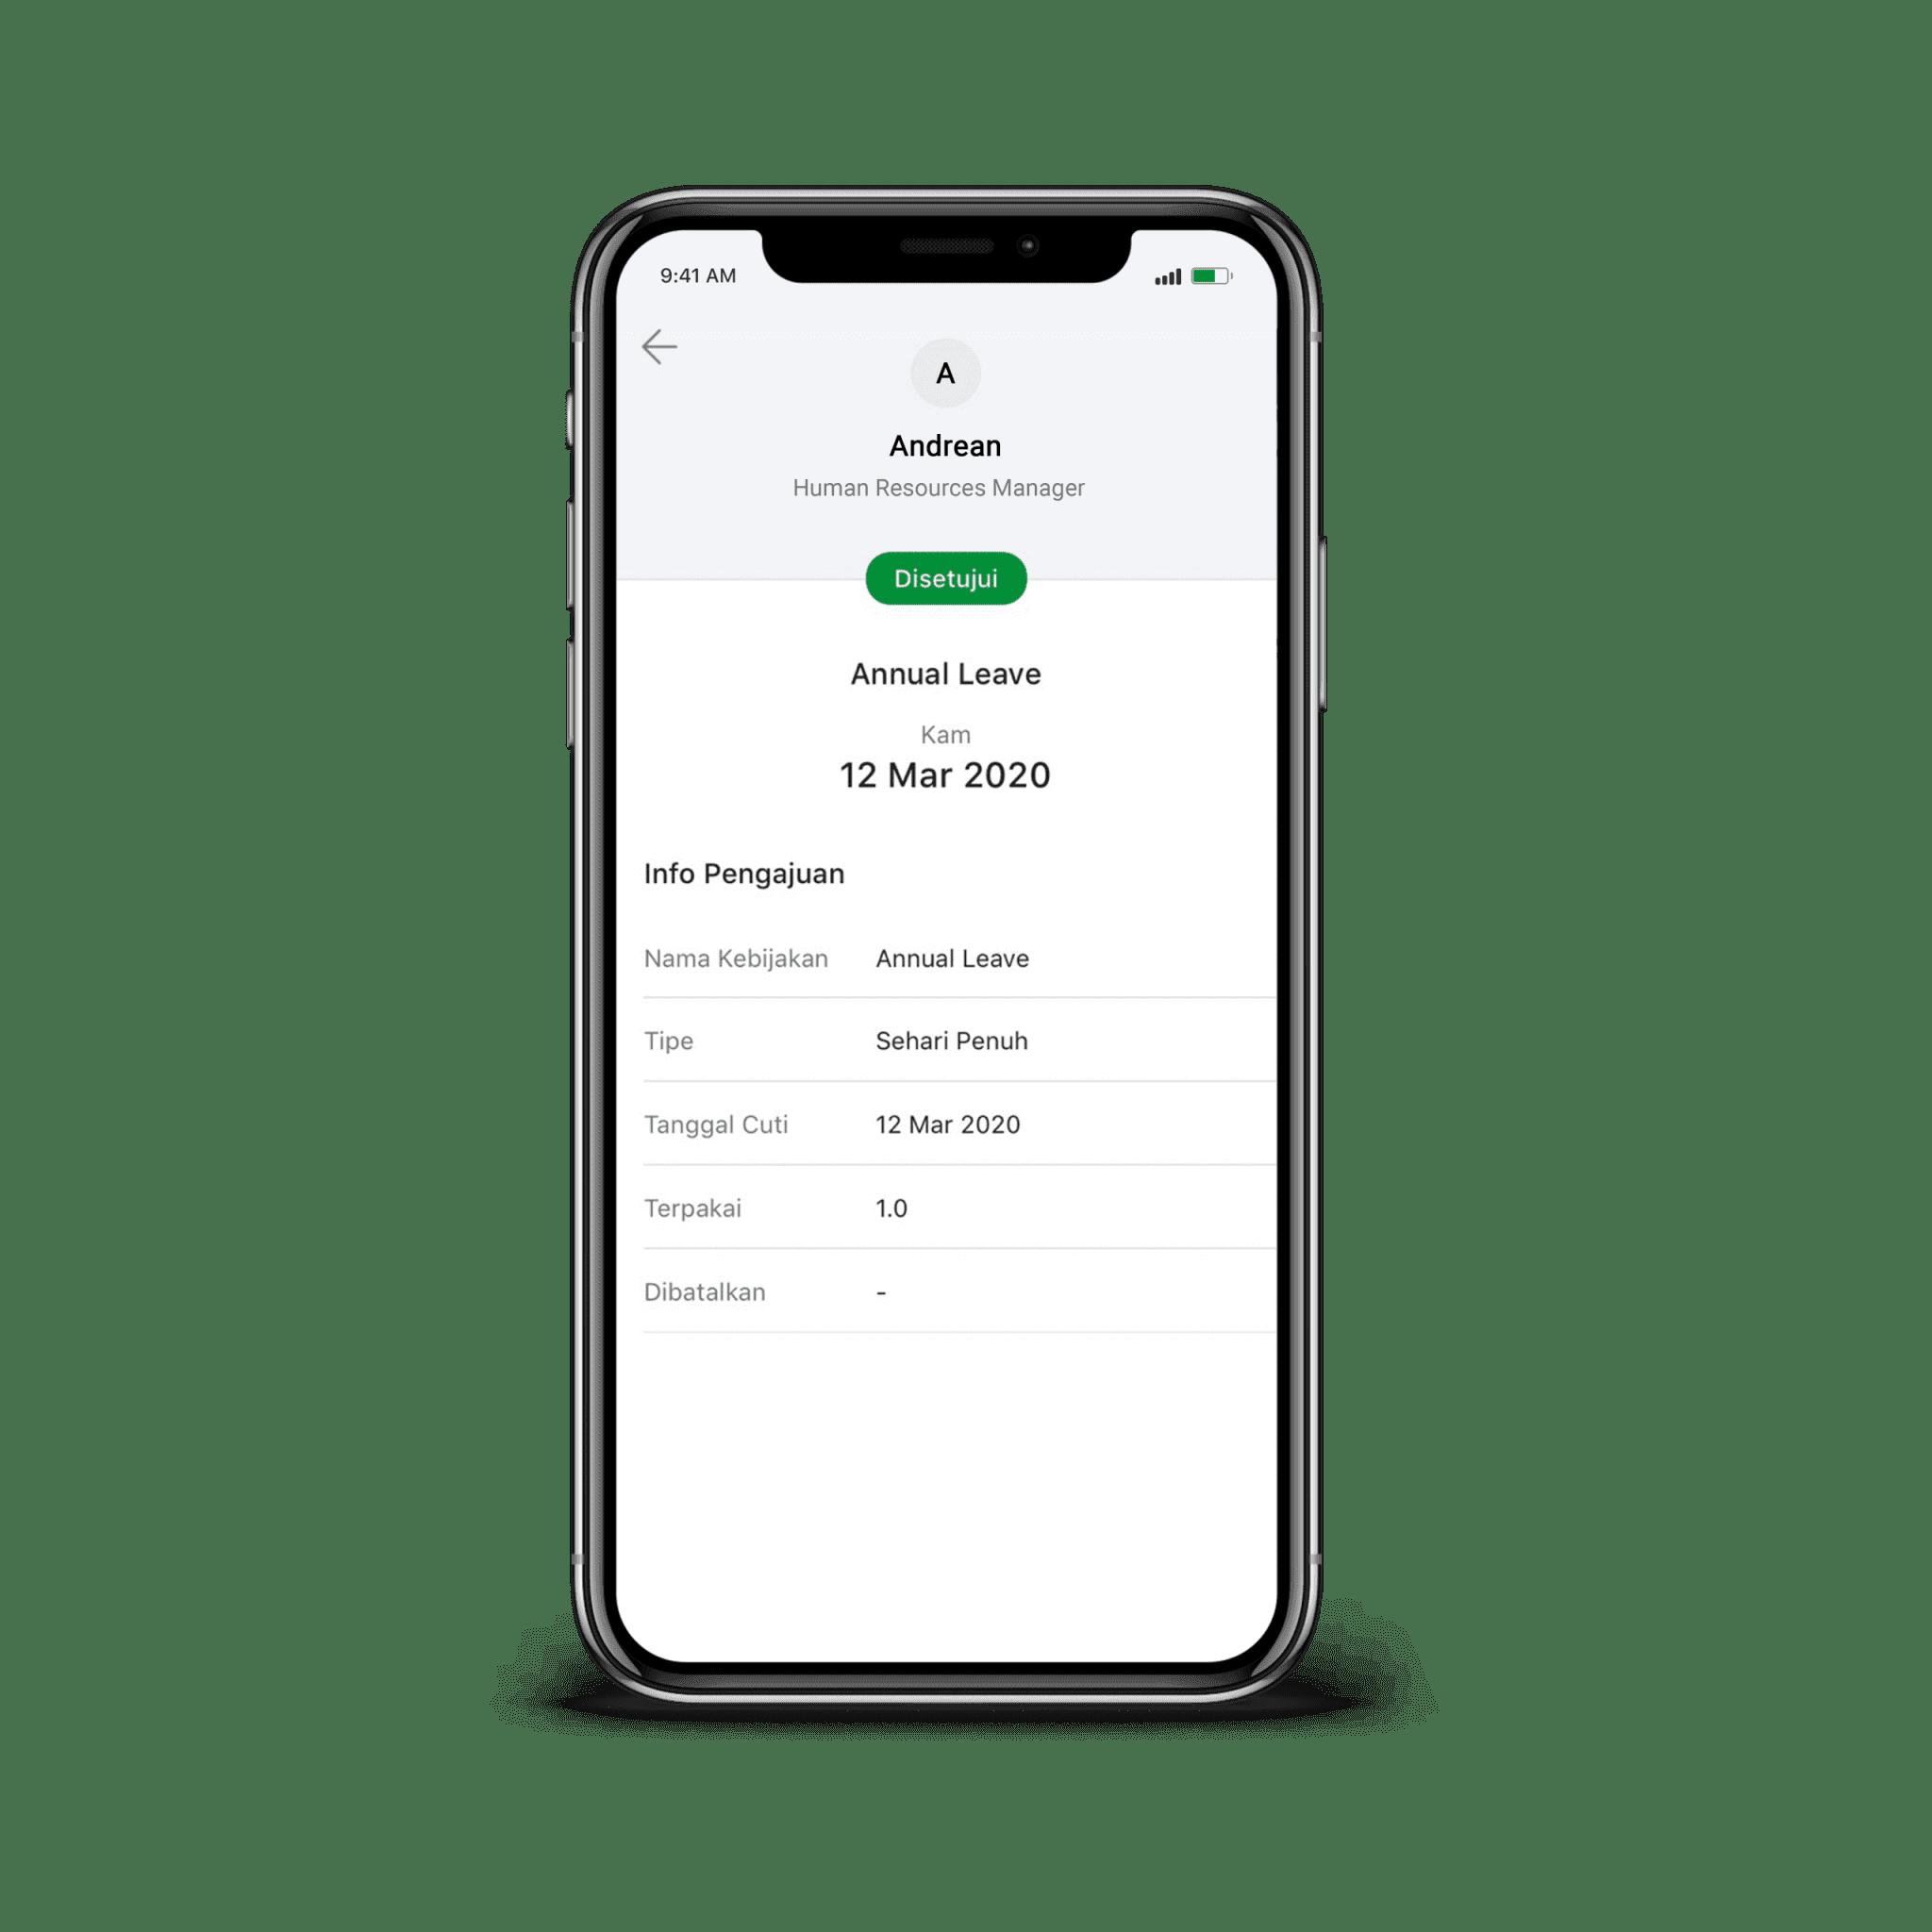 Fitur Absensi Online Adalah Salah Satu Keuntungan Aplikasi Cuti Pegawai Dibanding Manual